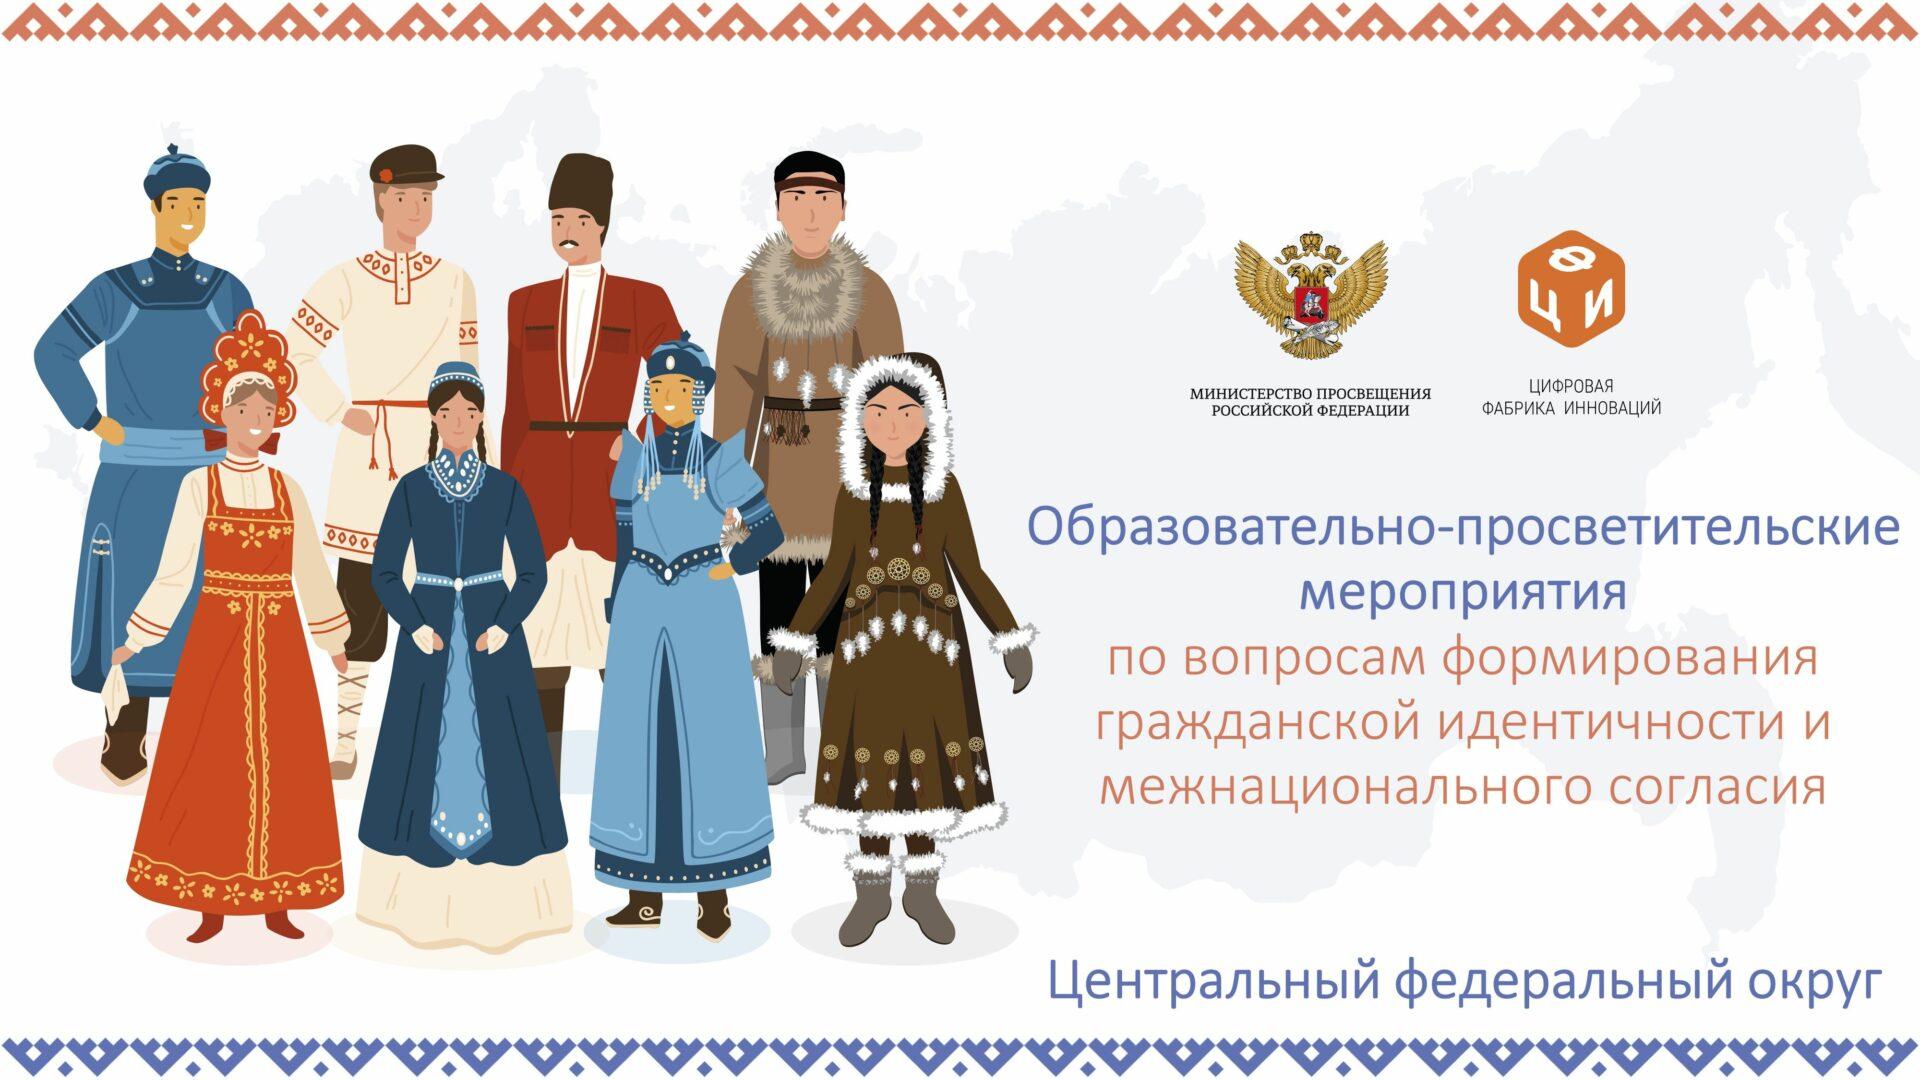 В Московской области пройдет серия образовательно-просветительских мероприятий по вопросам формирования гражданской идентичности и межнационального согласия